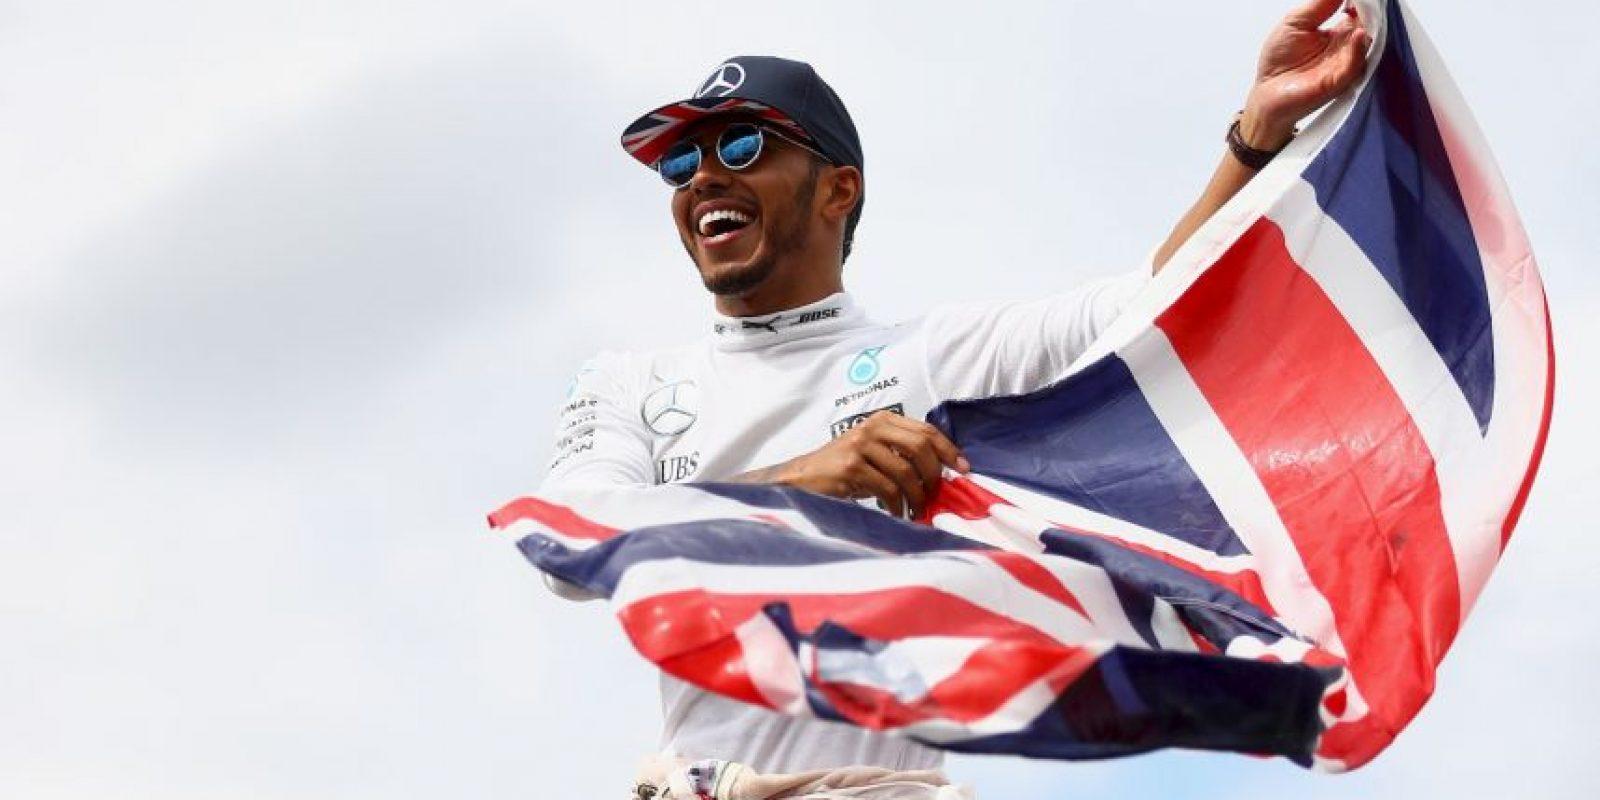 Lewis Hamilton hace valer su sensación en la Fórmula 1 en millones de euros Foto:Getty Images